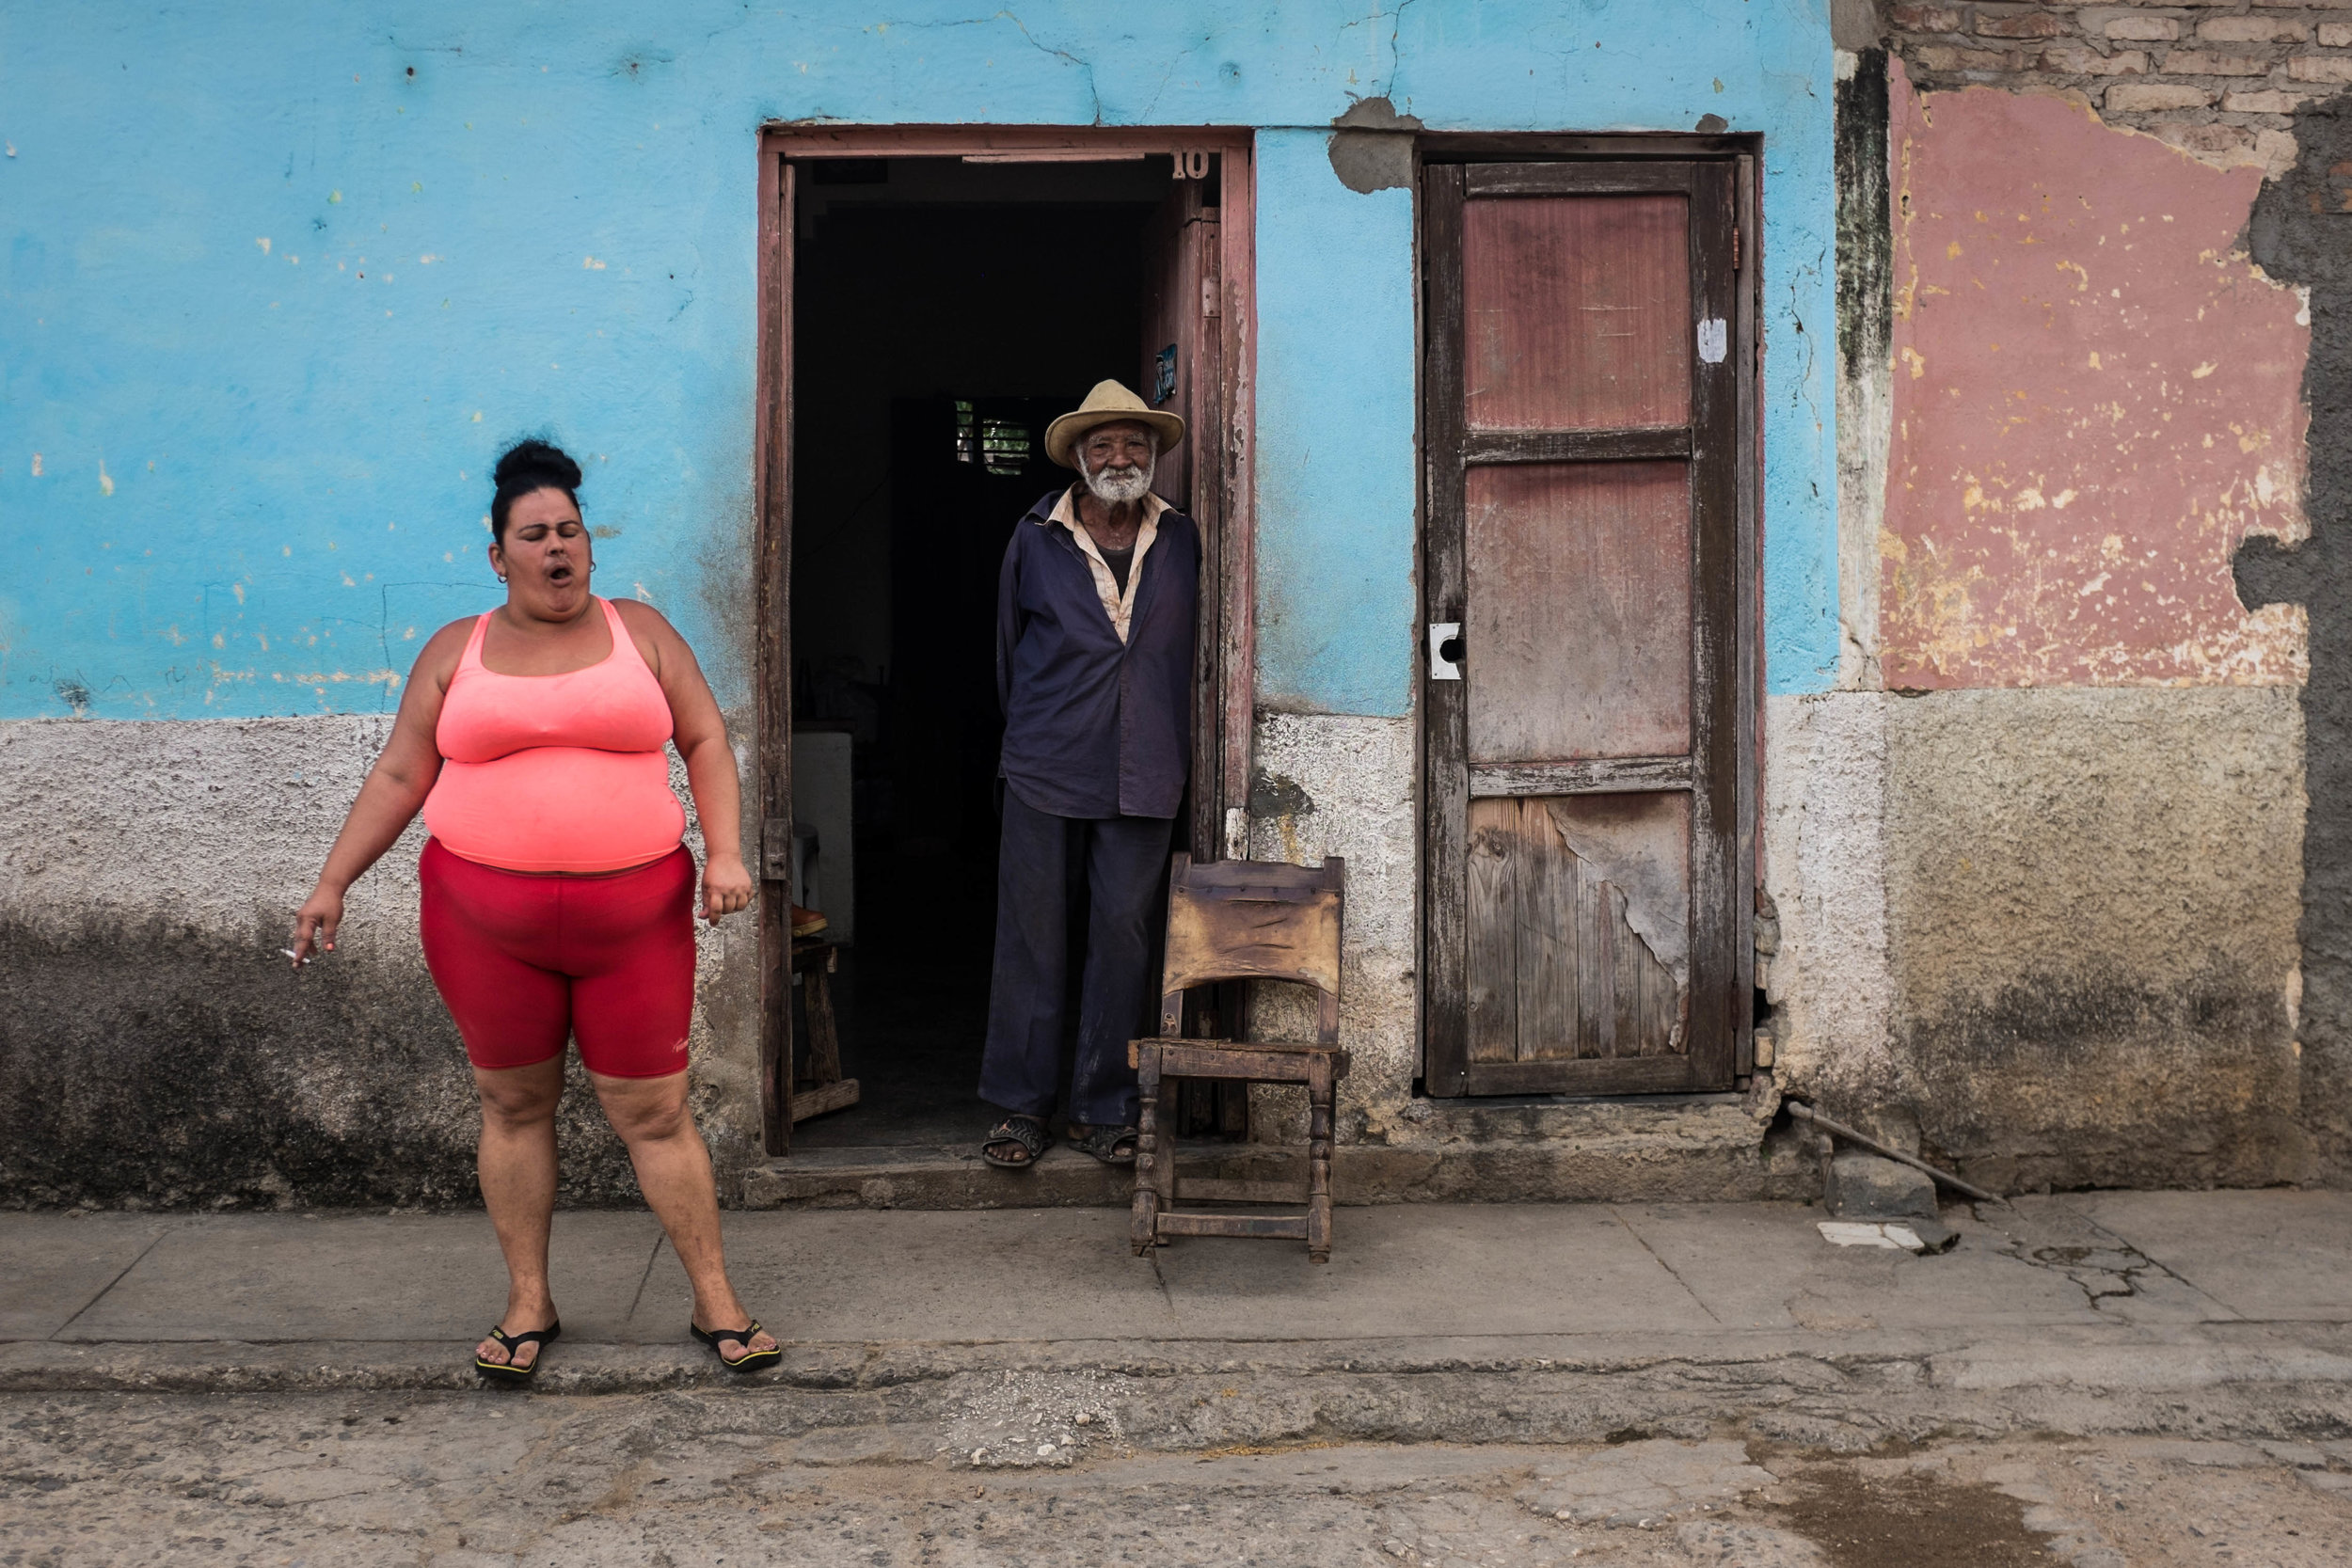 Trinidad, 2018